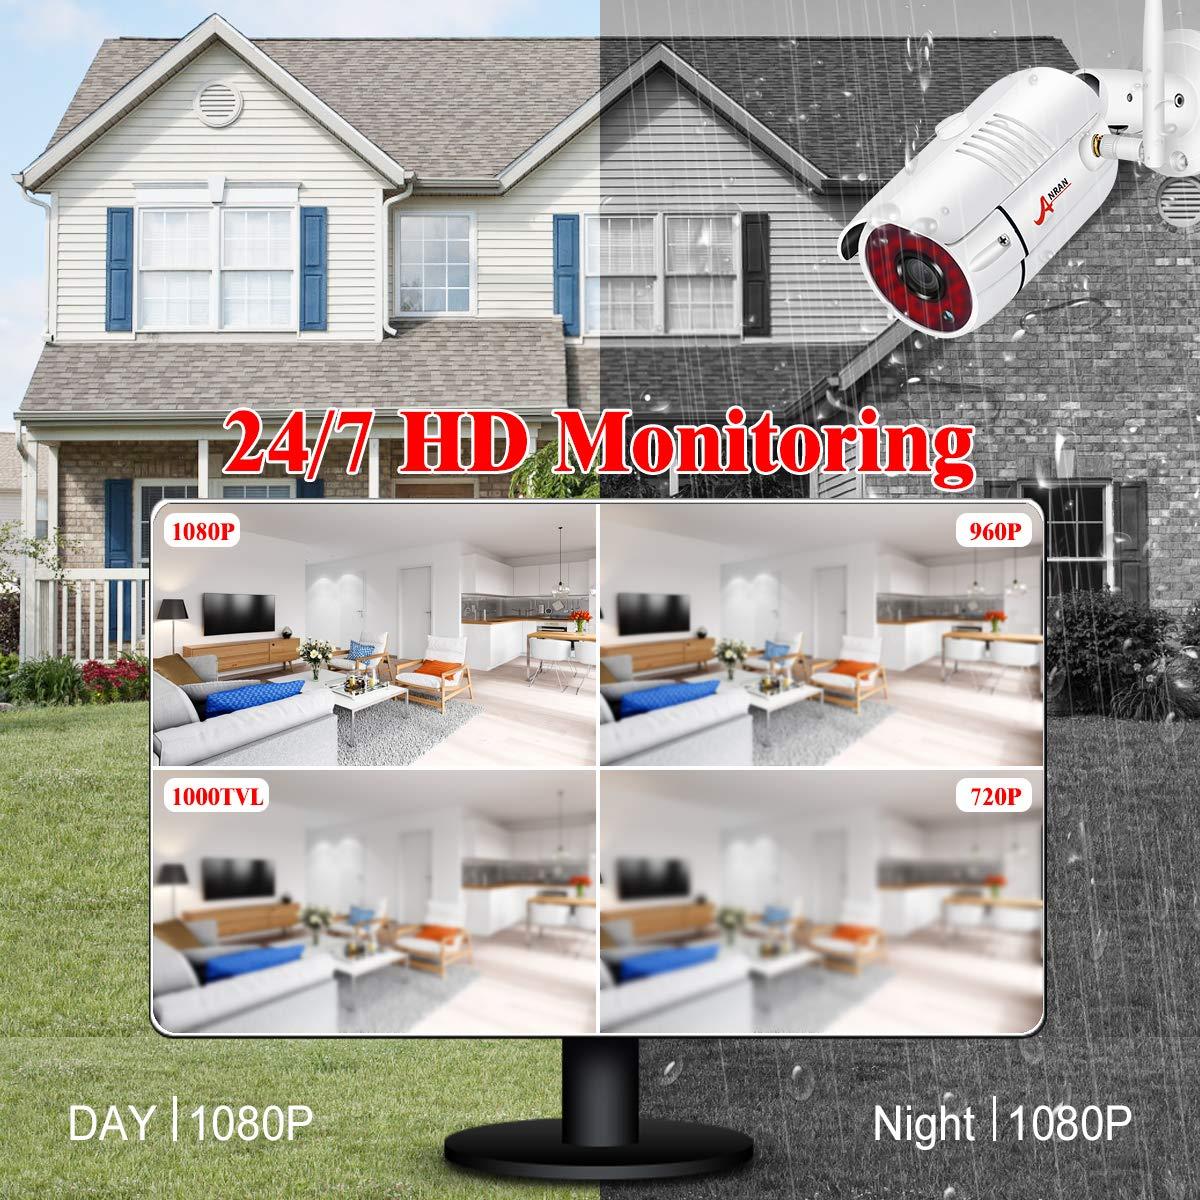 1TB HDD Detcci/ón de Movimiento 4CH Kit C/ámaras de Vigilancia WiFi Exterior ANRAN 1080P Sistema de Vigilancia WiFi NVR 4CH 4 C/ámaras de Seguridad para Sistema CCTV Inal/ámbrico Visi/ón Nocturna